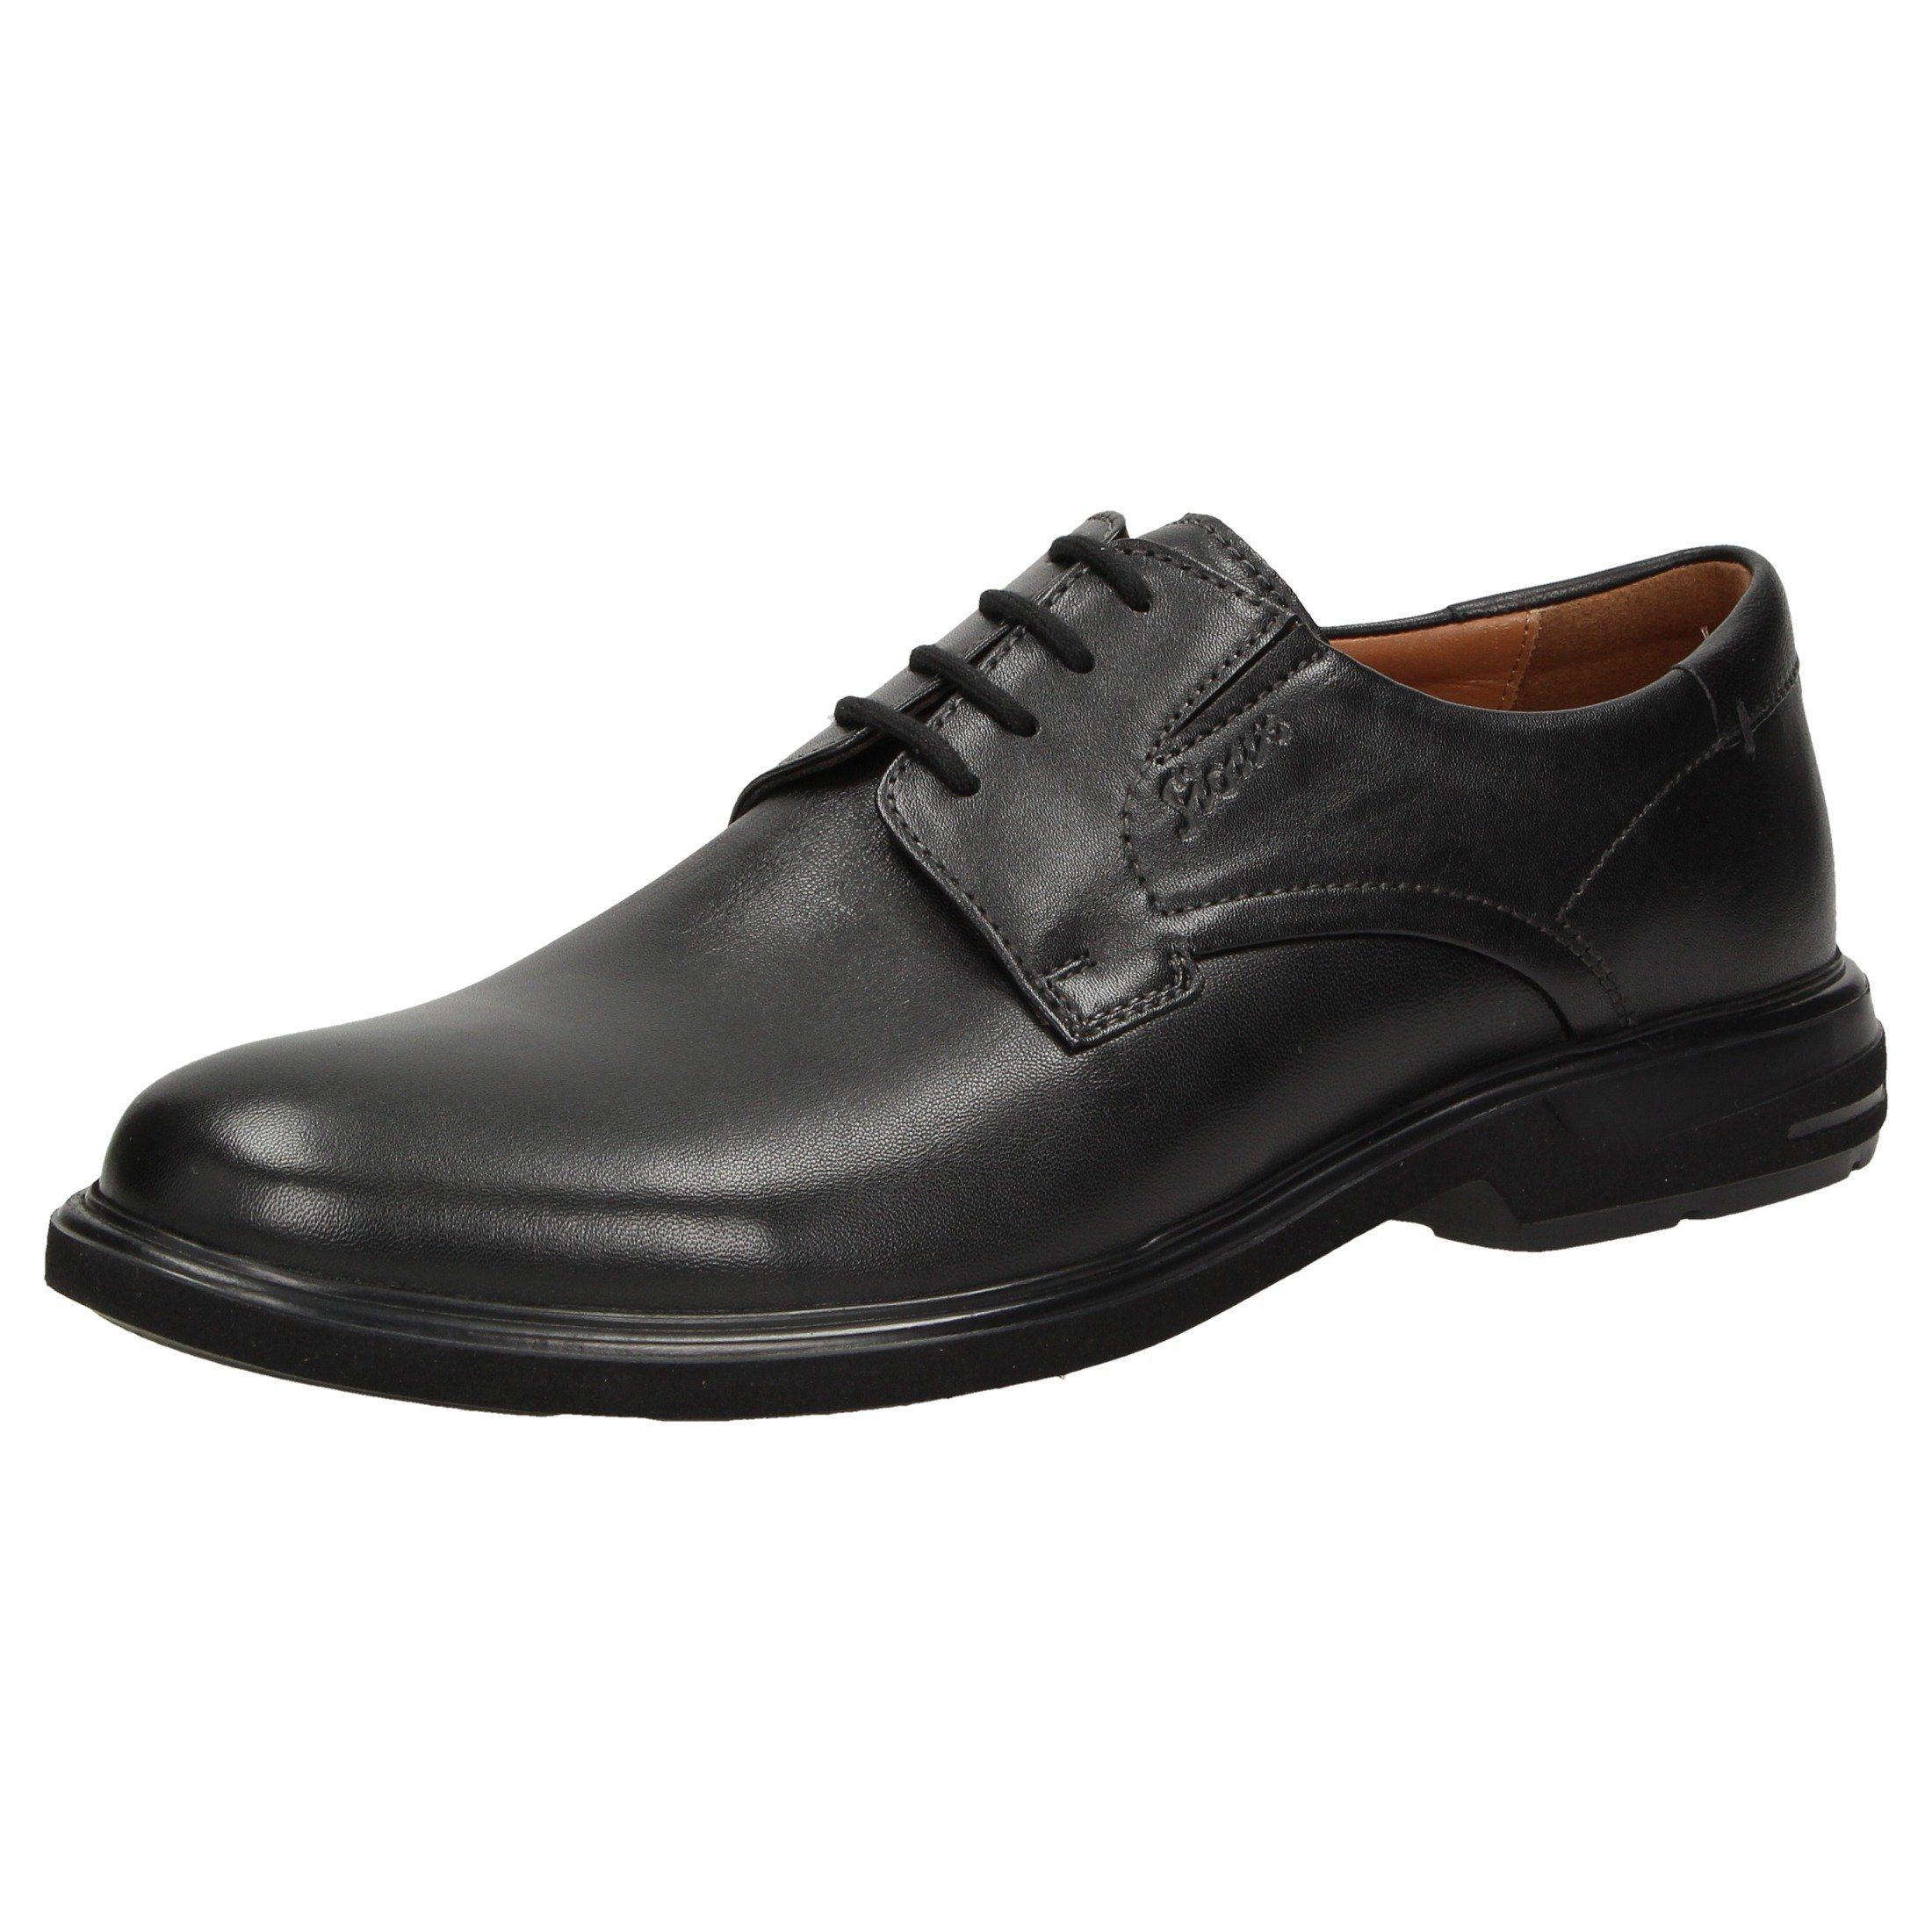 SIOUX Schnürschuh Punjo-181-XL | Schuhe > Schnürschuhe | Schwarz | Leder | Sioux